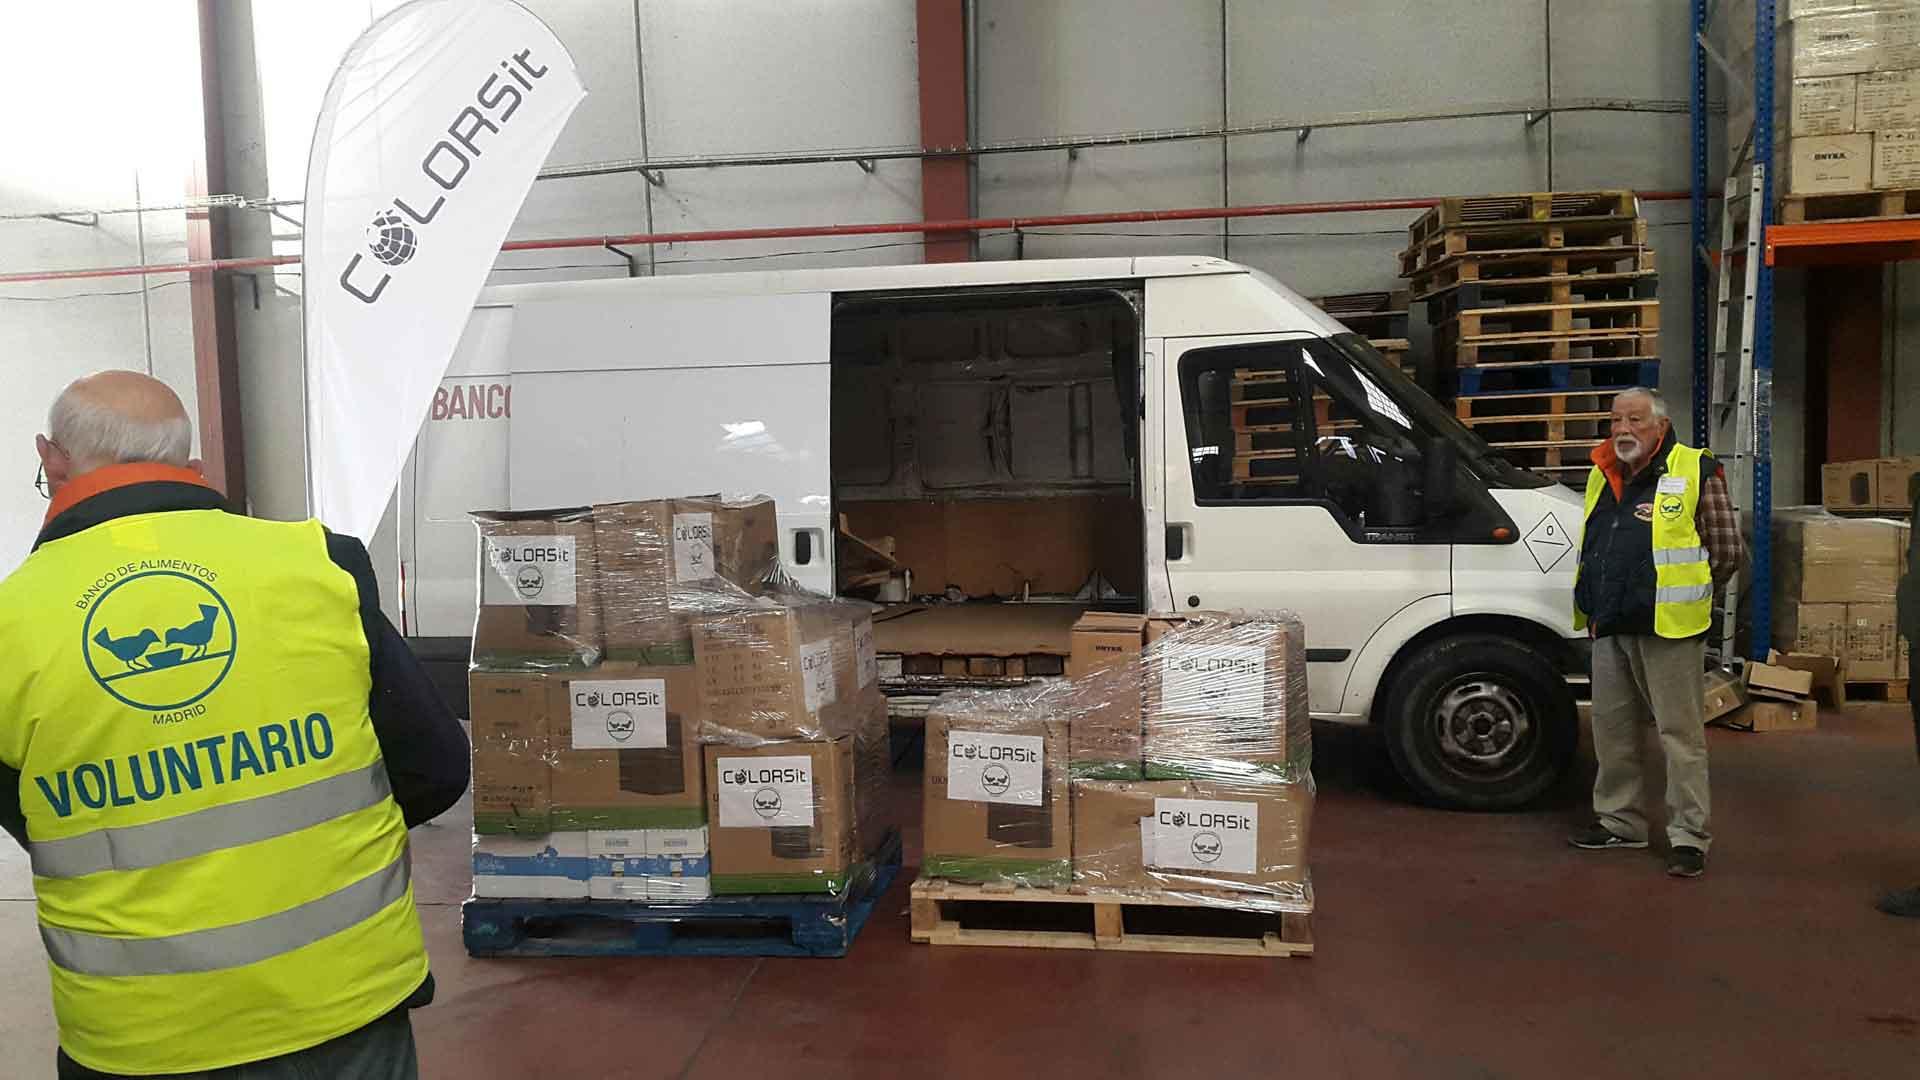 La Federación Española de Bancos de Alimentos recibió la donación de alimentos de la campaña solidaria de COLORSit en Madrid